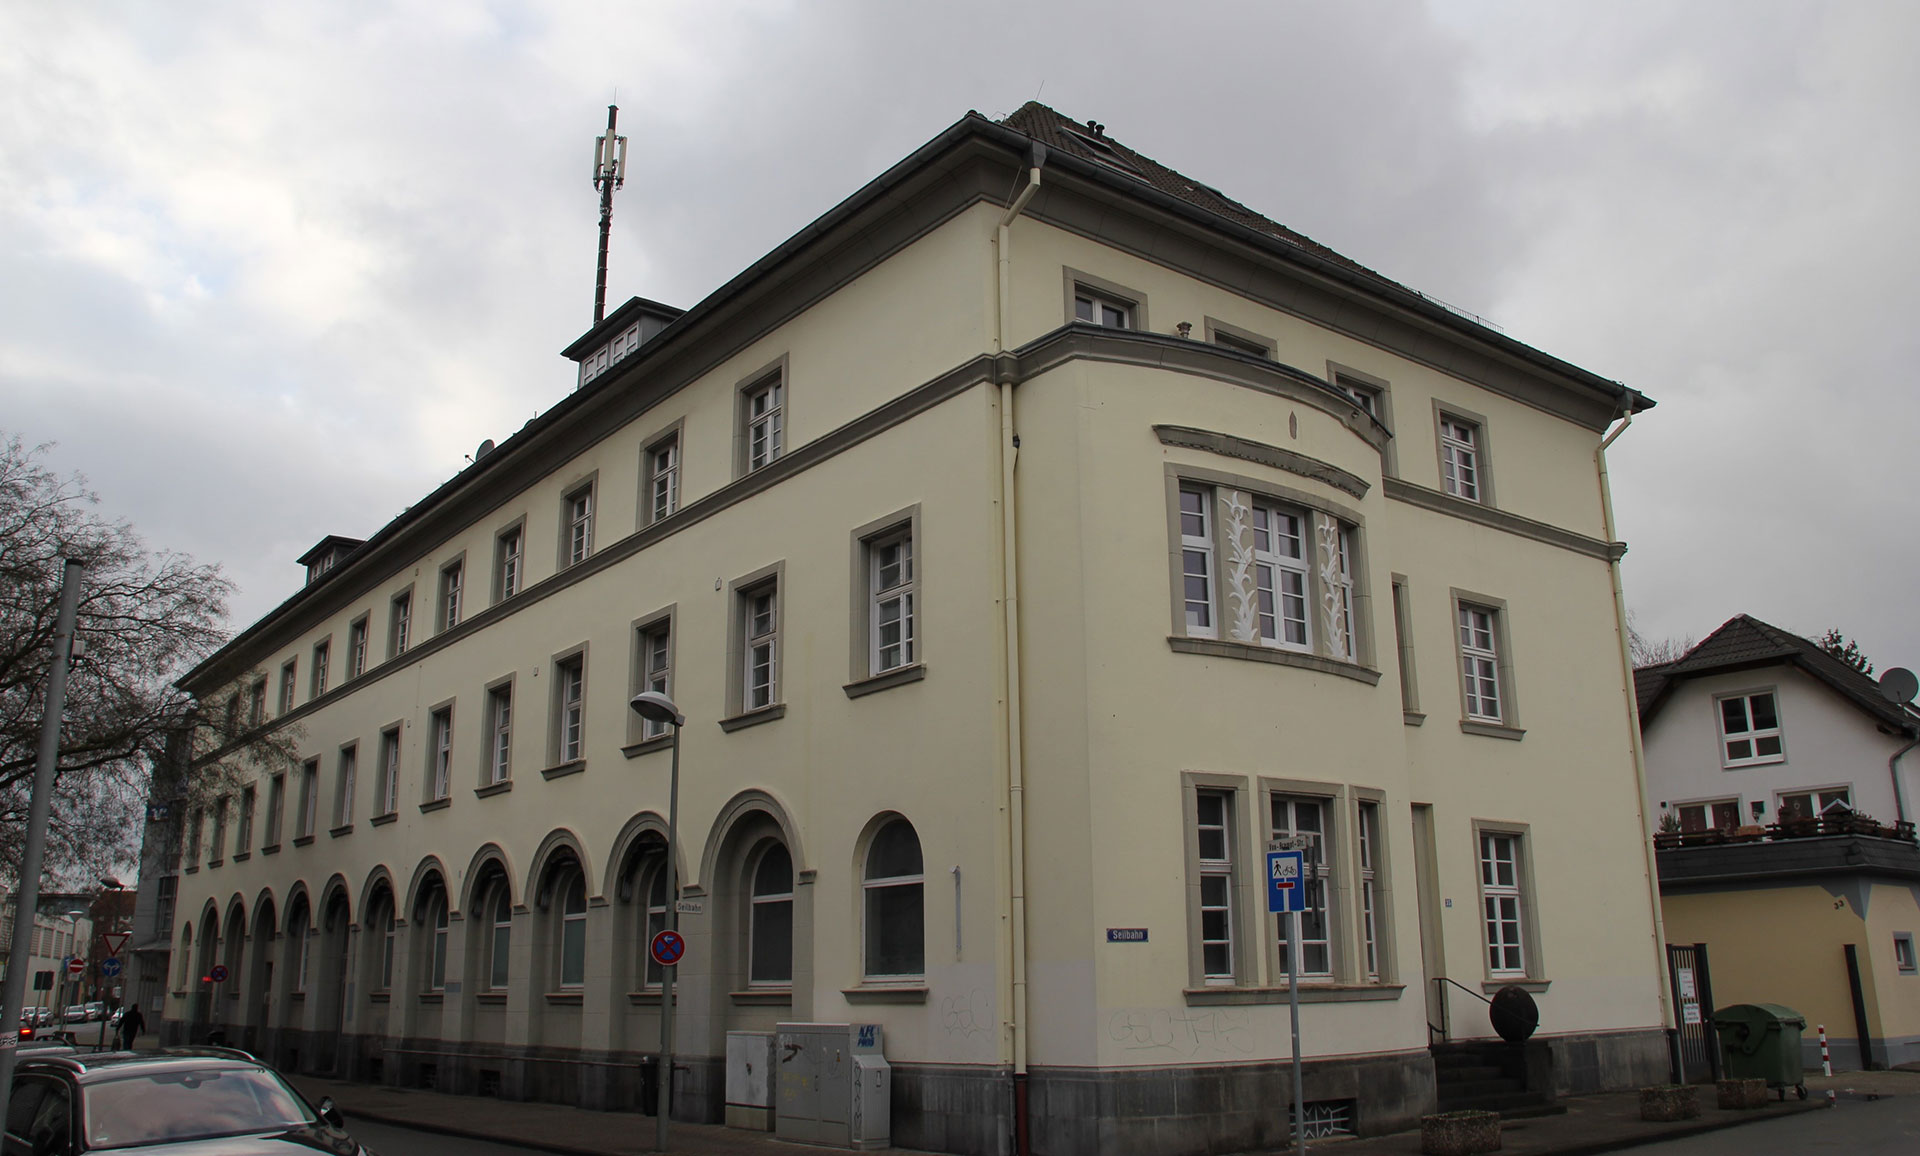 Hausverwaltung Krefeld: Von-Brempt-Straße 4 WEG-Verwalter